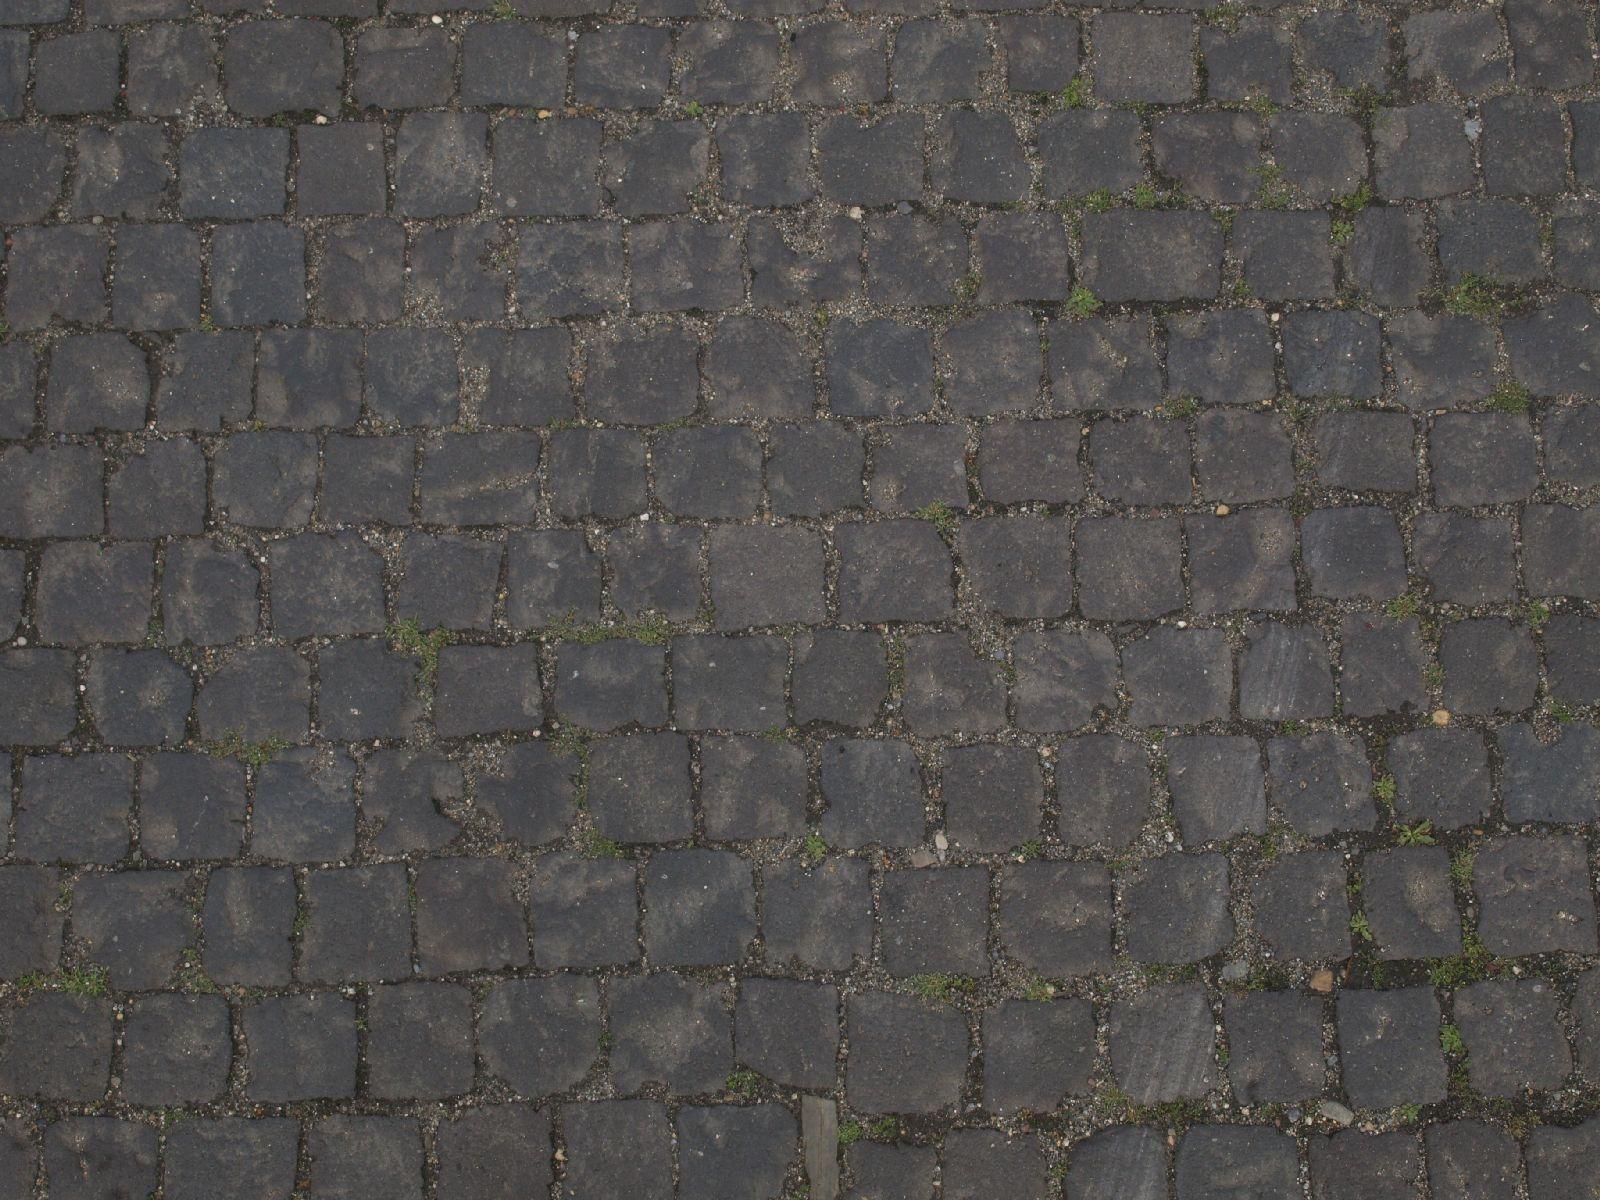 Boden-Gehweg-Strasse-Buergersteig-Textur_A_P7258769